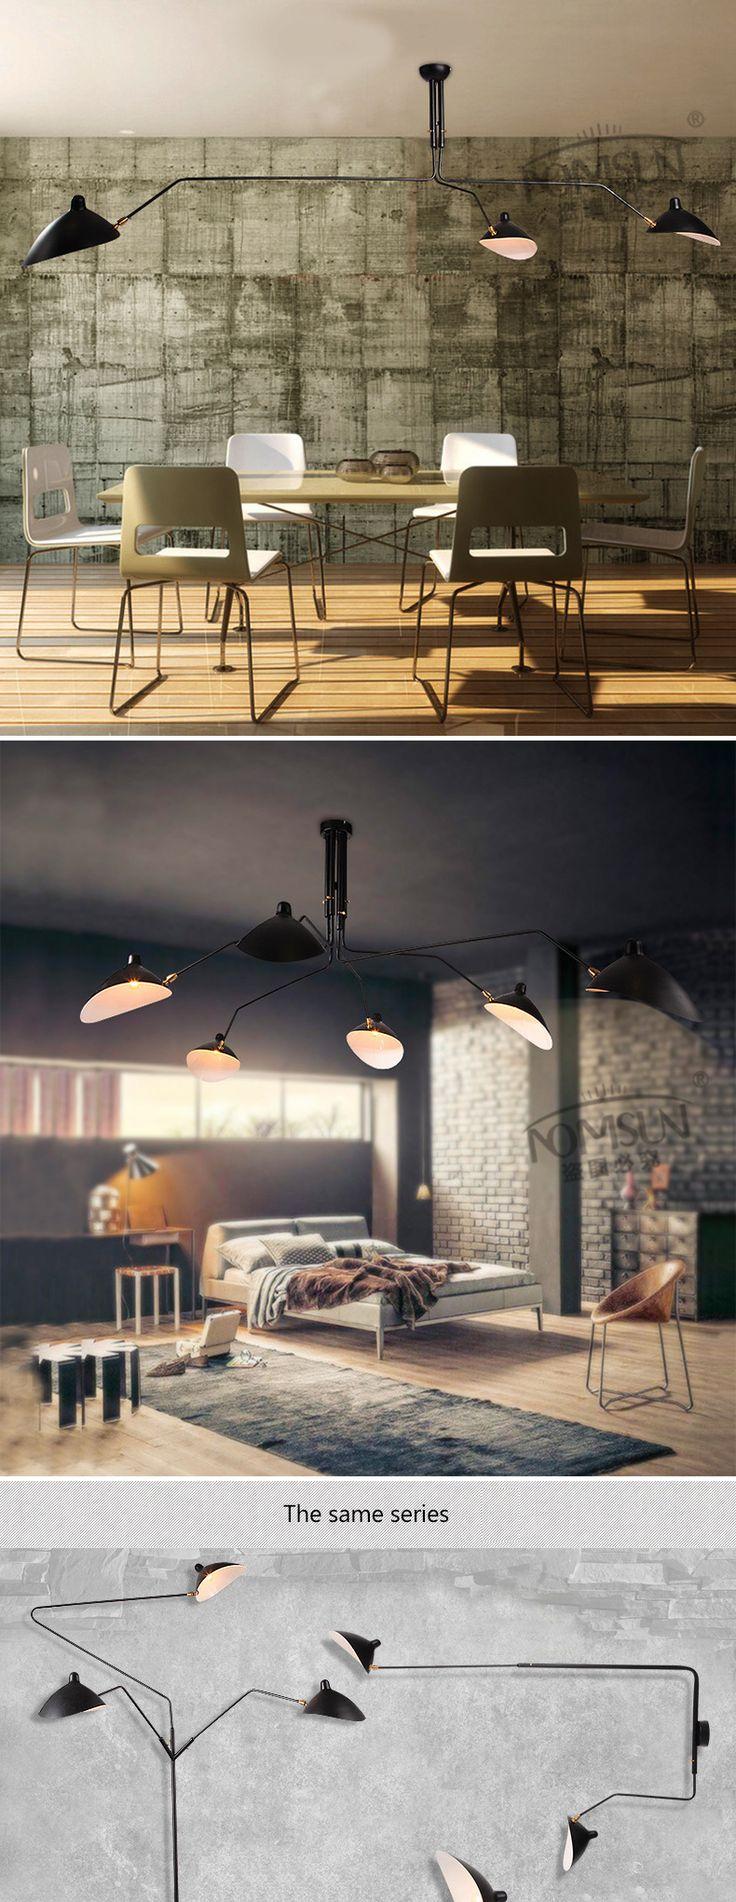 Rétro vintage pendentif lumières restaurant éclairage lampara colgante de techo lampe moderne led salle à manger